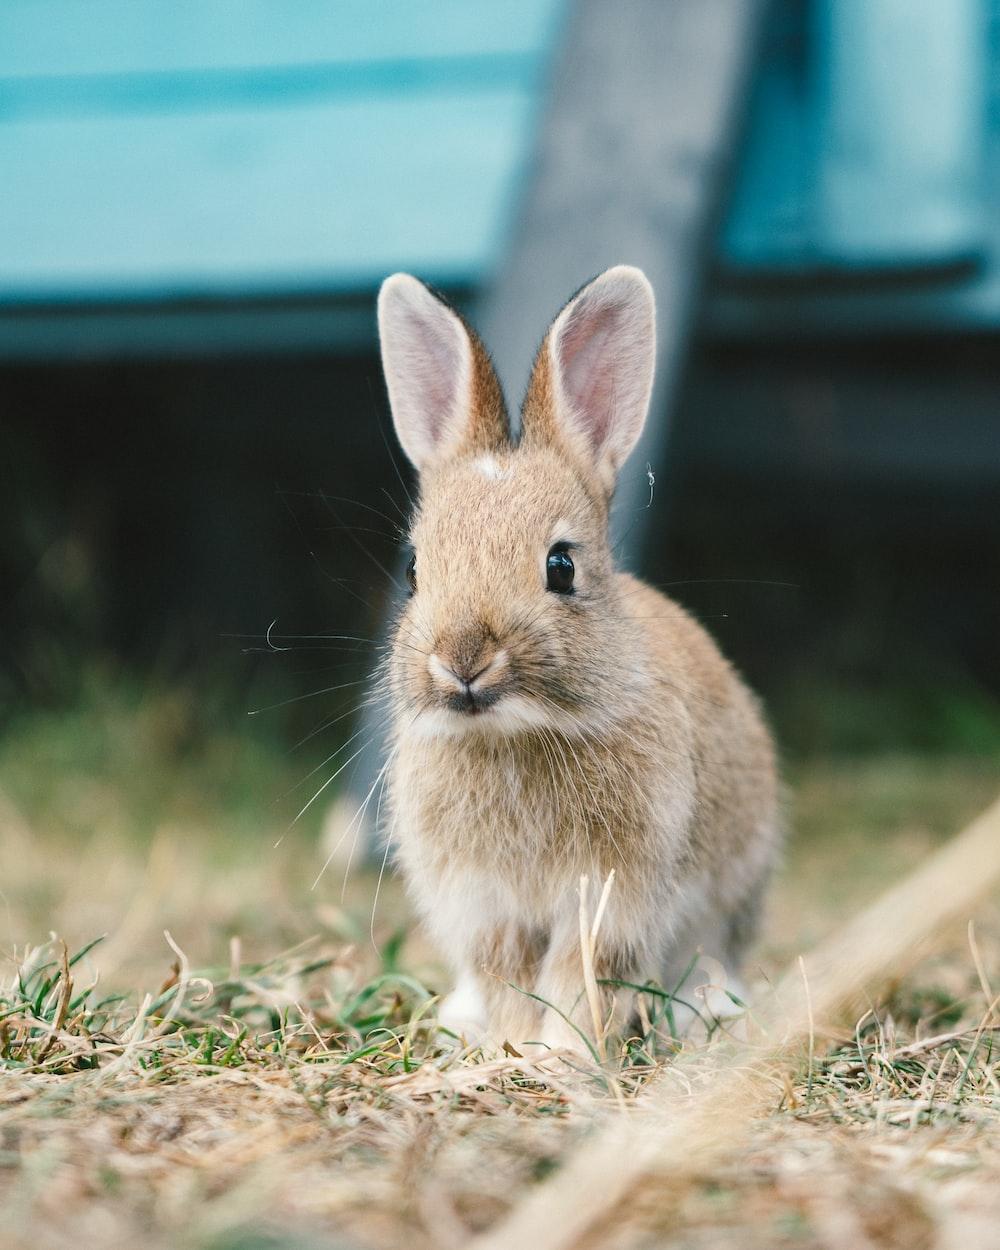 brown rabbit on grass